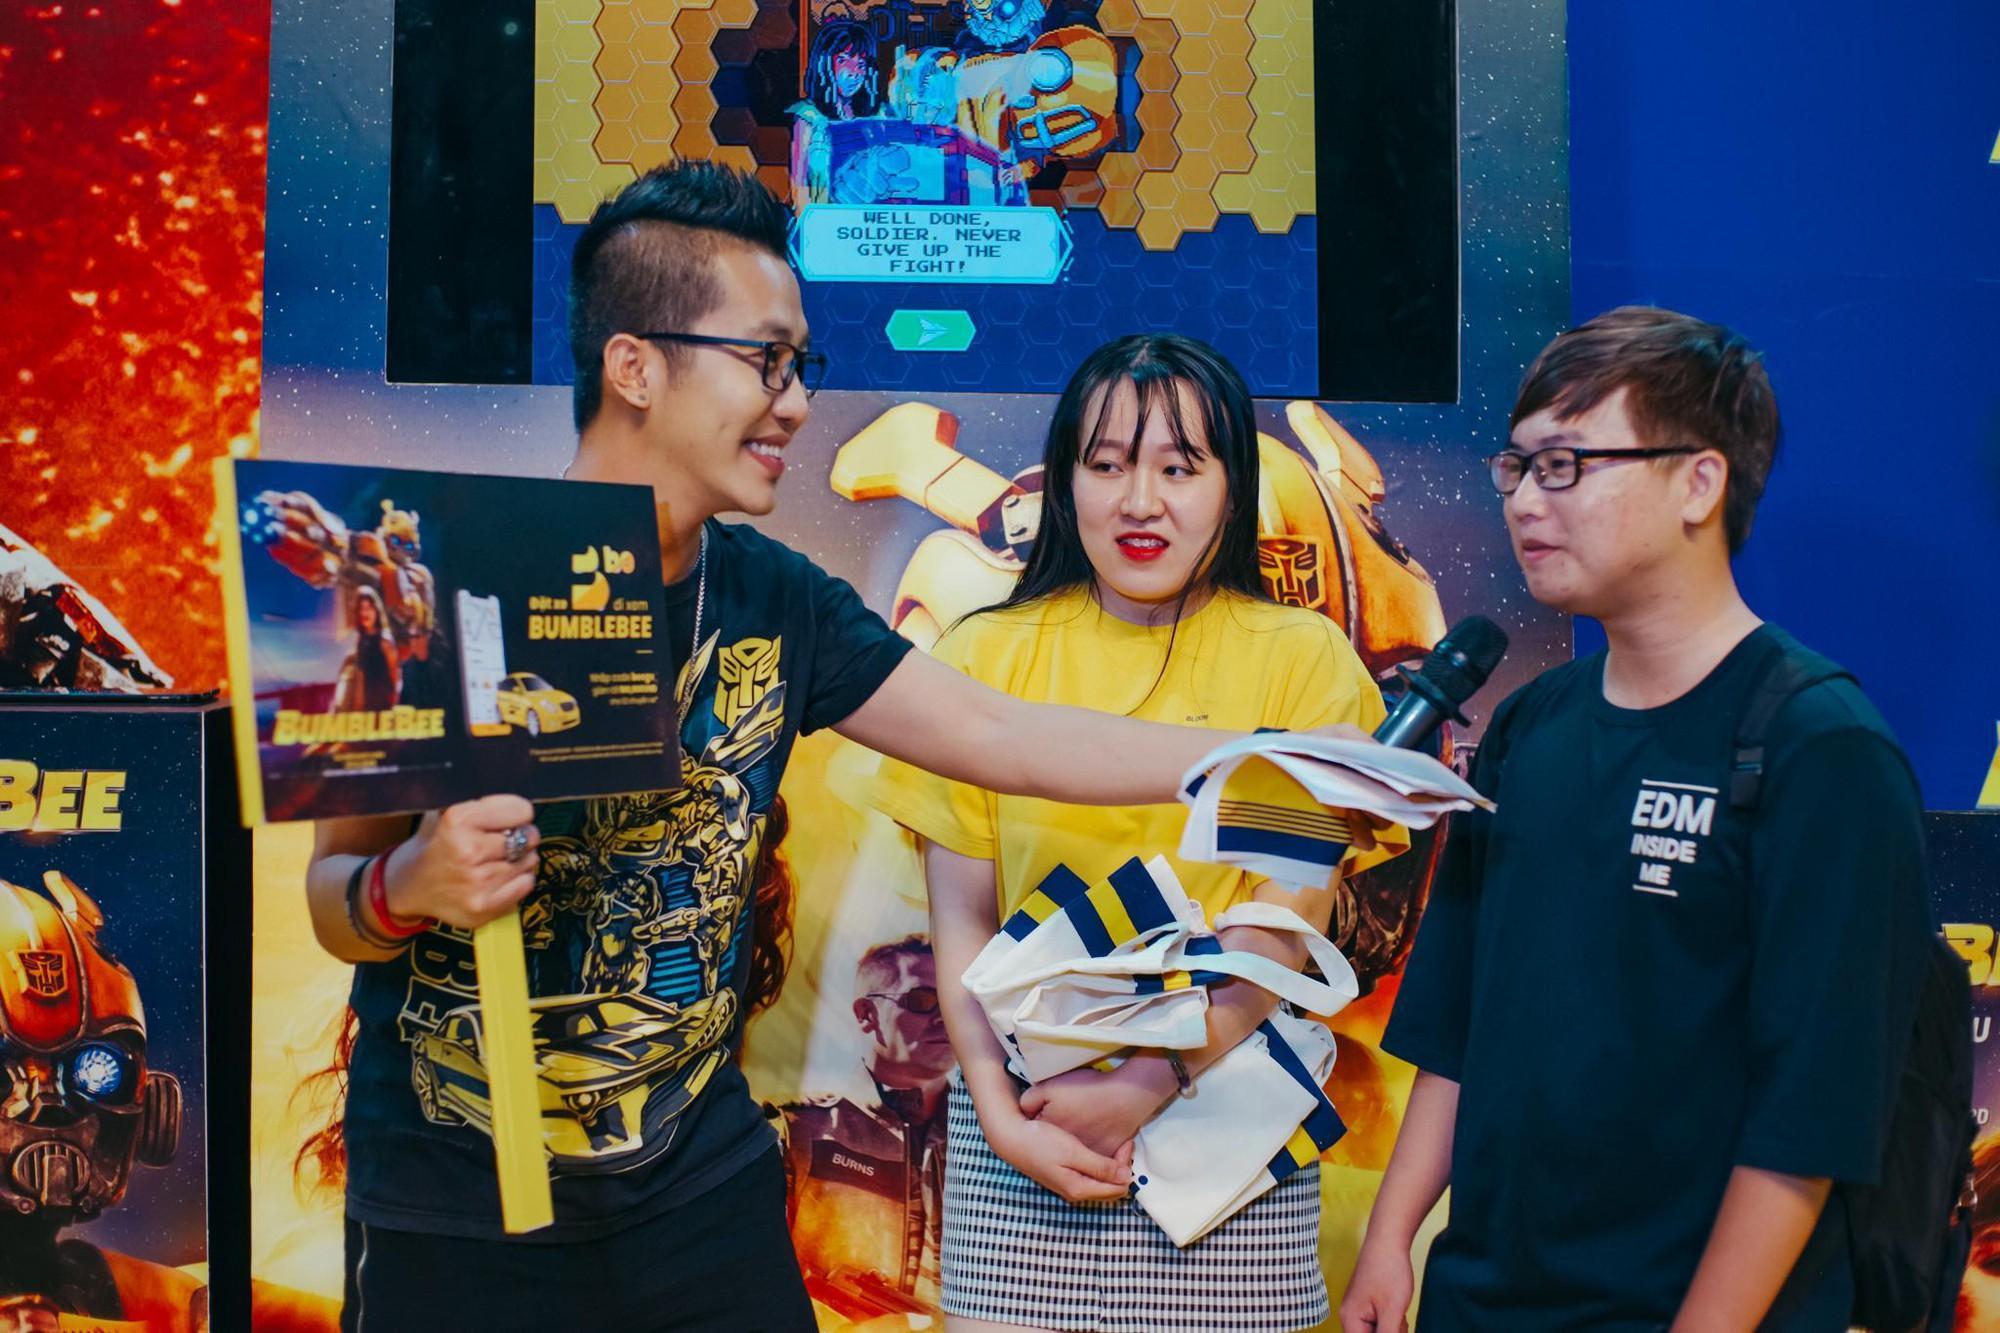 Choáng ngợp với mô hình Bumblebee lớn nhất tại Việt Nam - Ảnh 14.